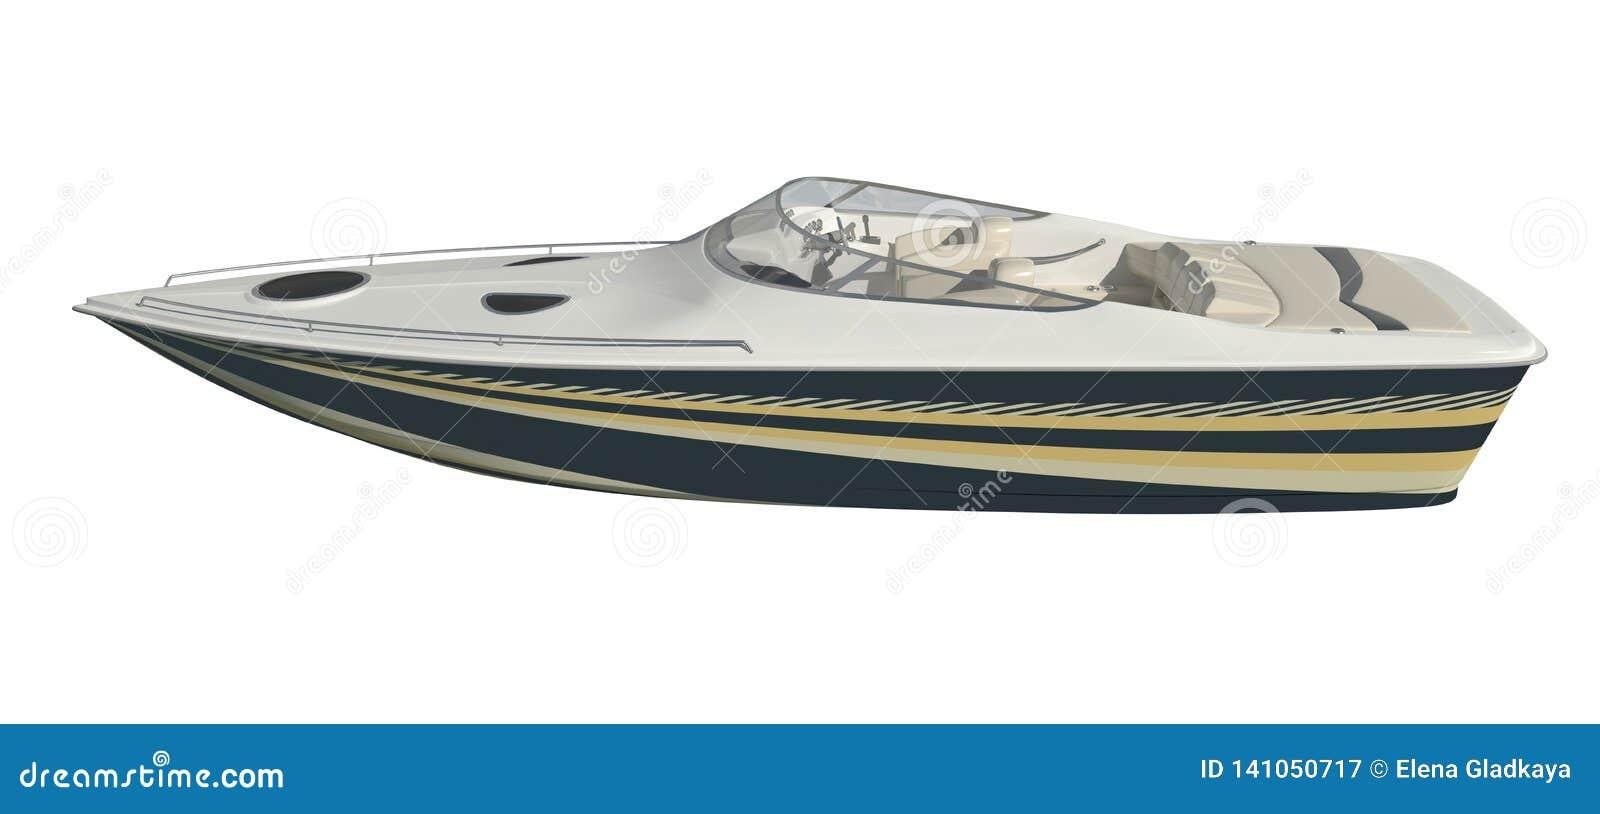 Powerboat isolado na ilustração branca do fundo 3d